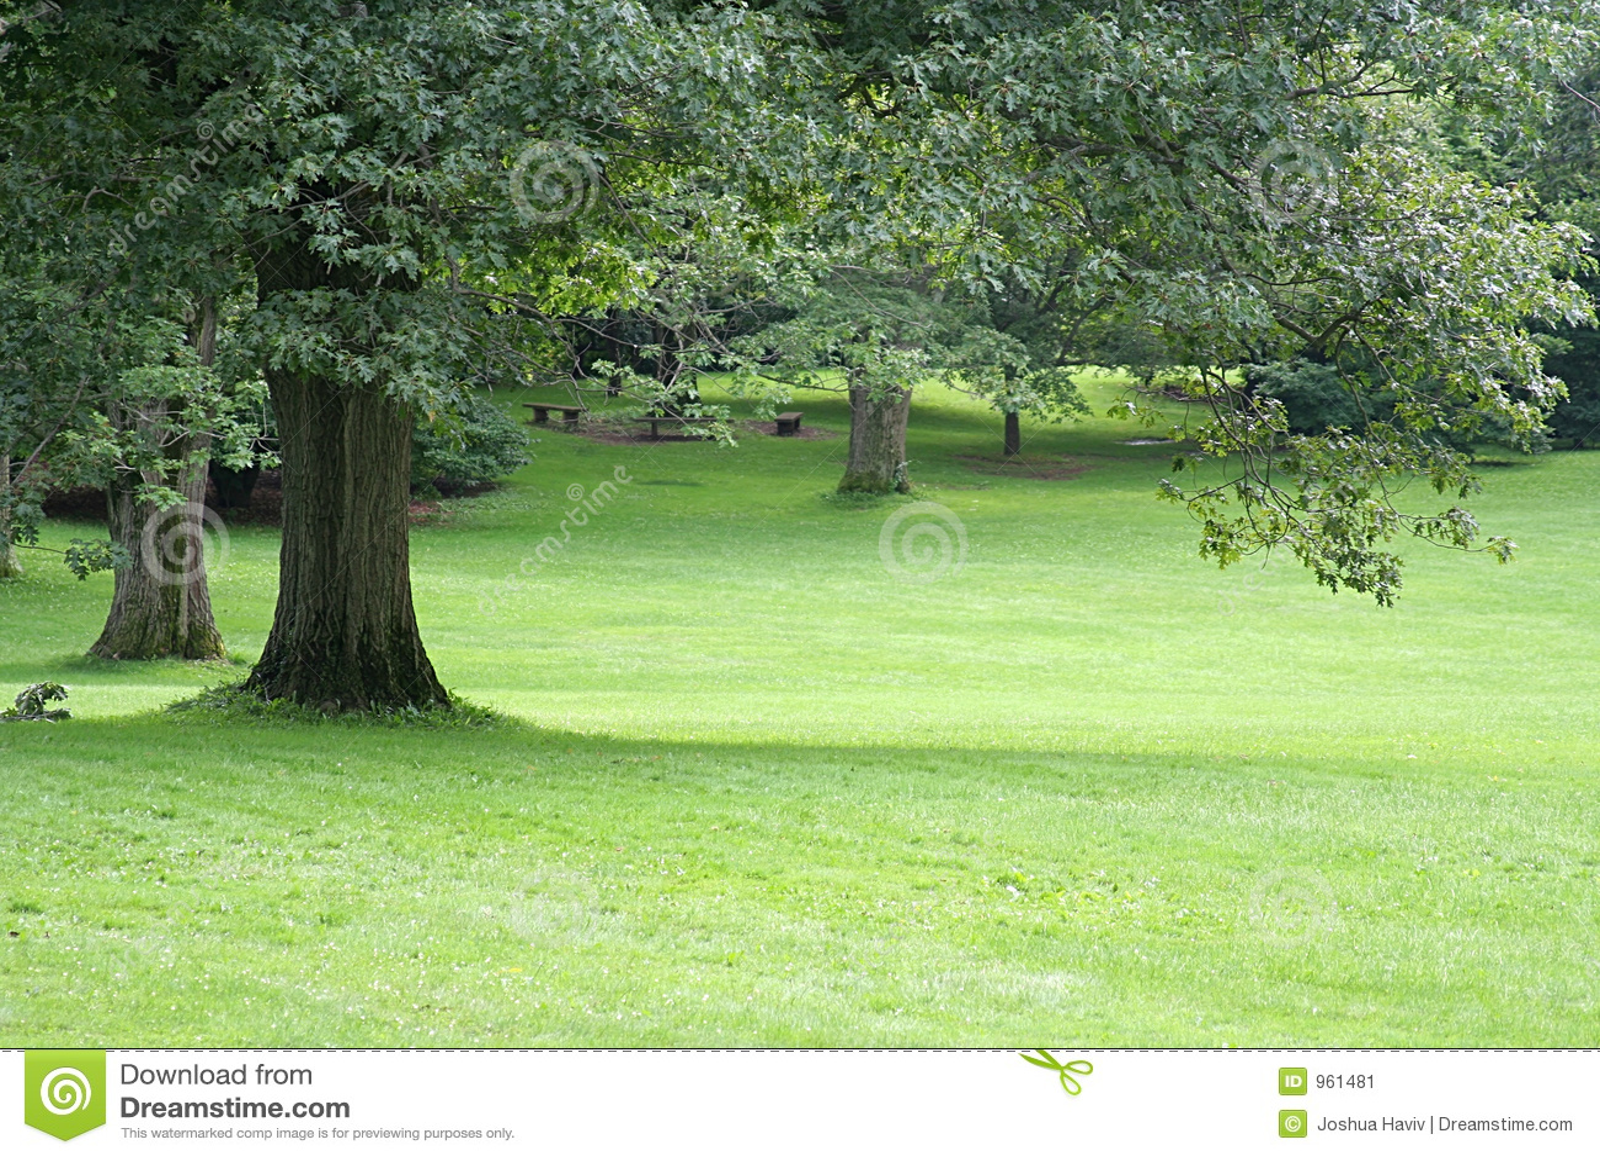 Garten Landschaft Stockbild Bild Von Hintergrund Field 961481